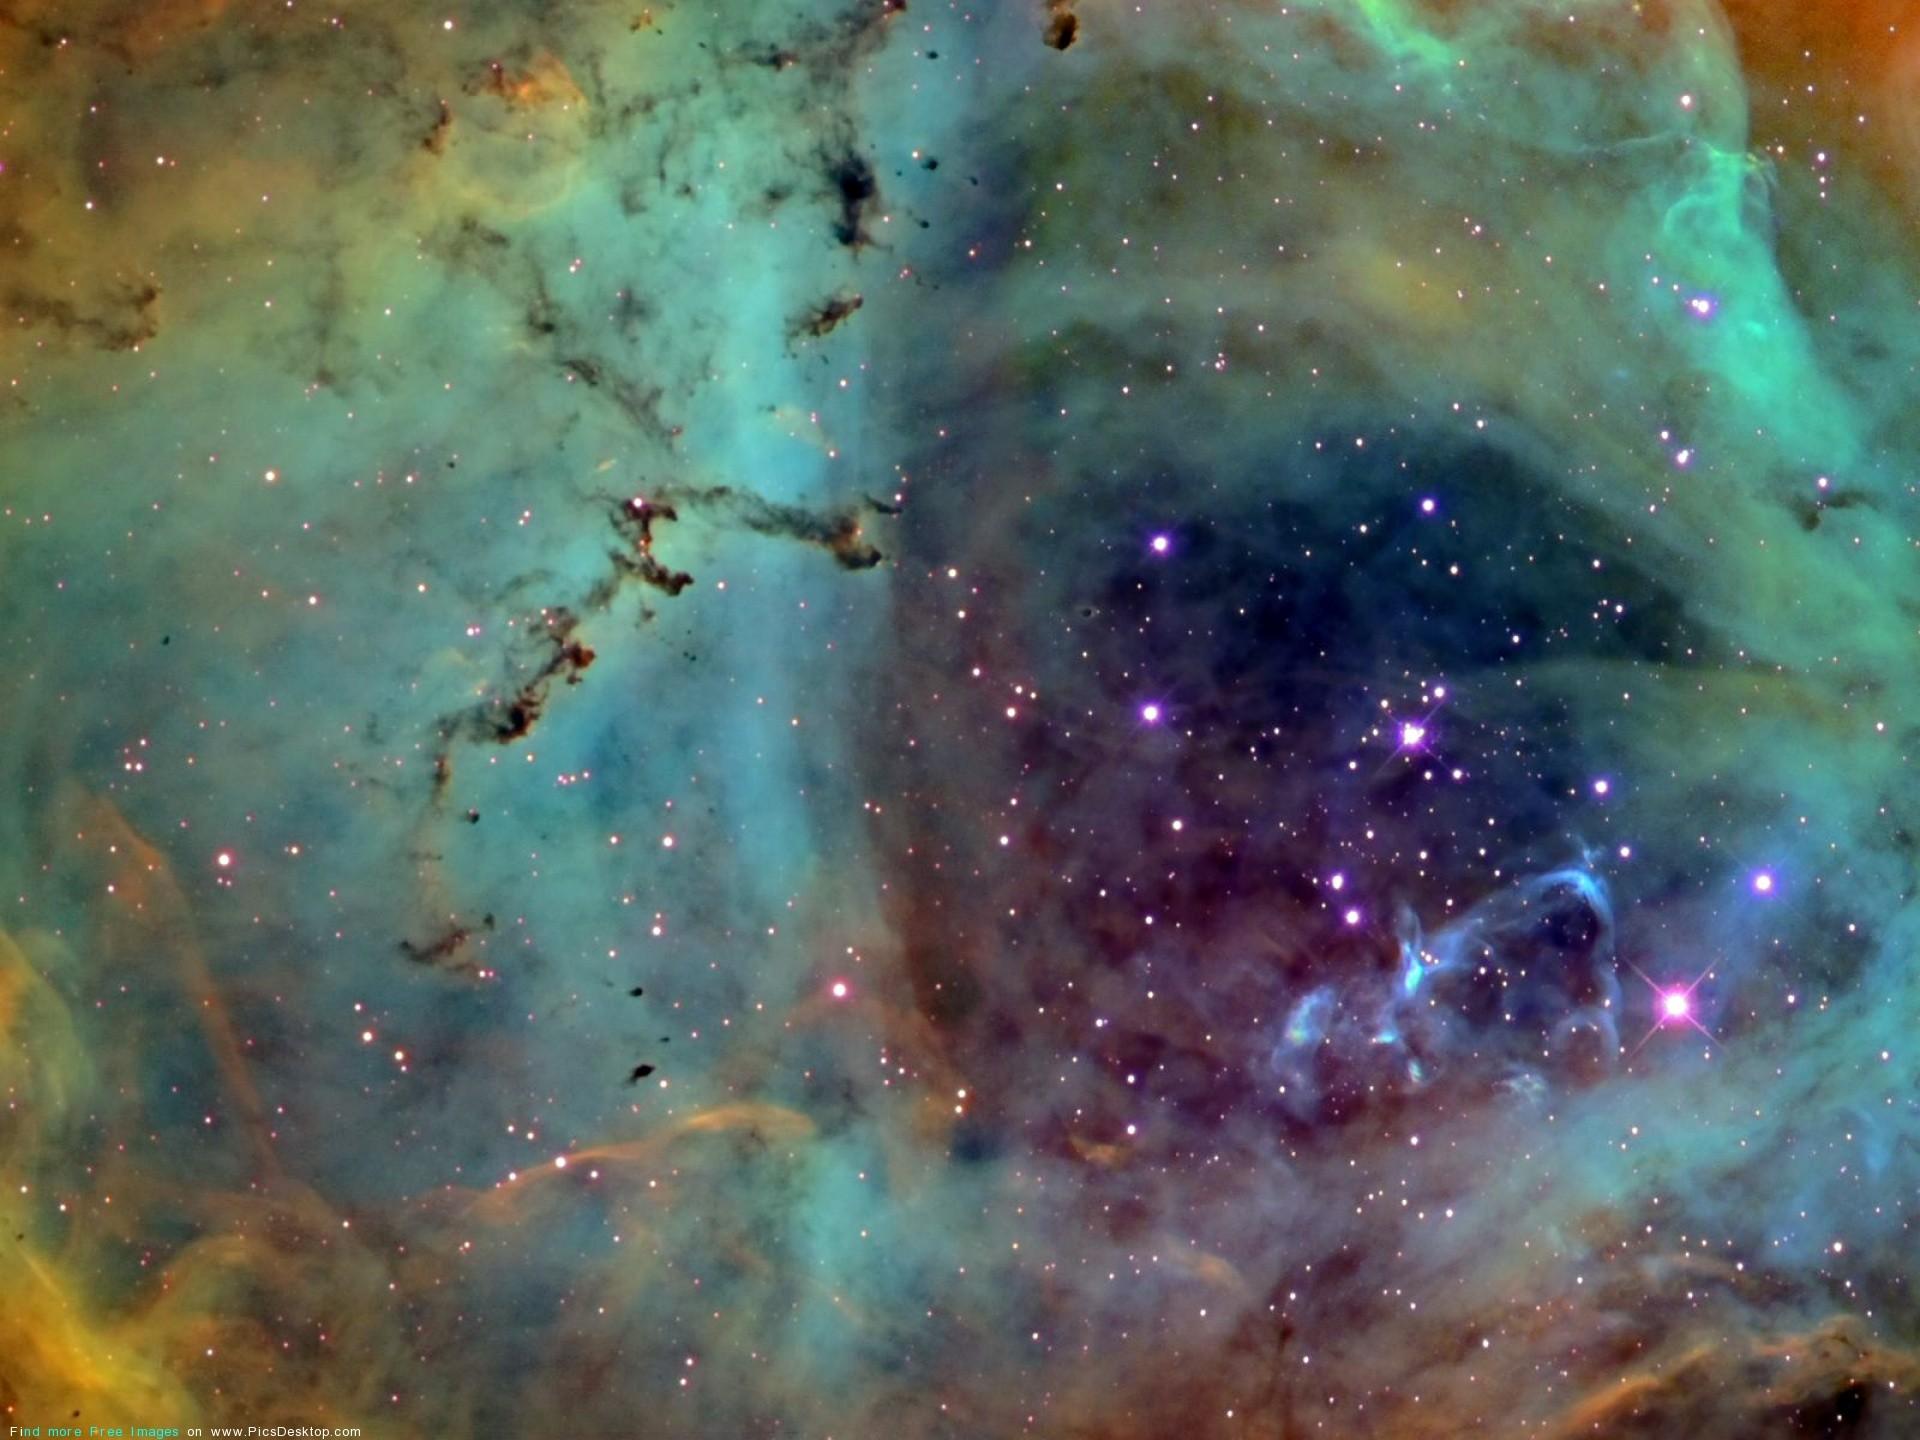 Hubble desktop backgrounds 57 images - Hubble space images wallpaper ...